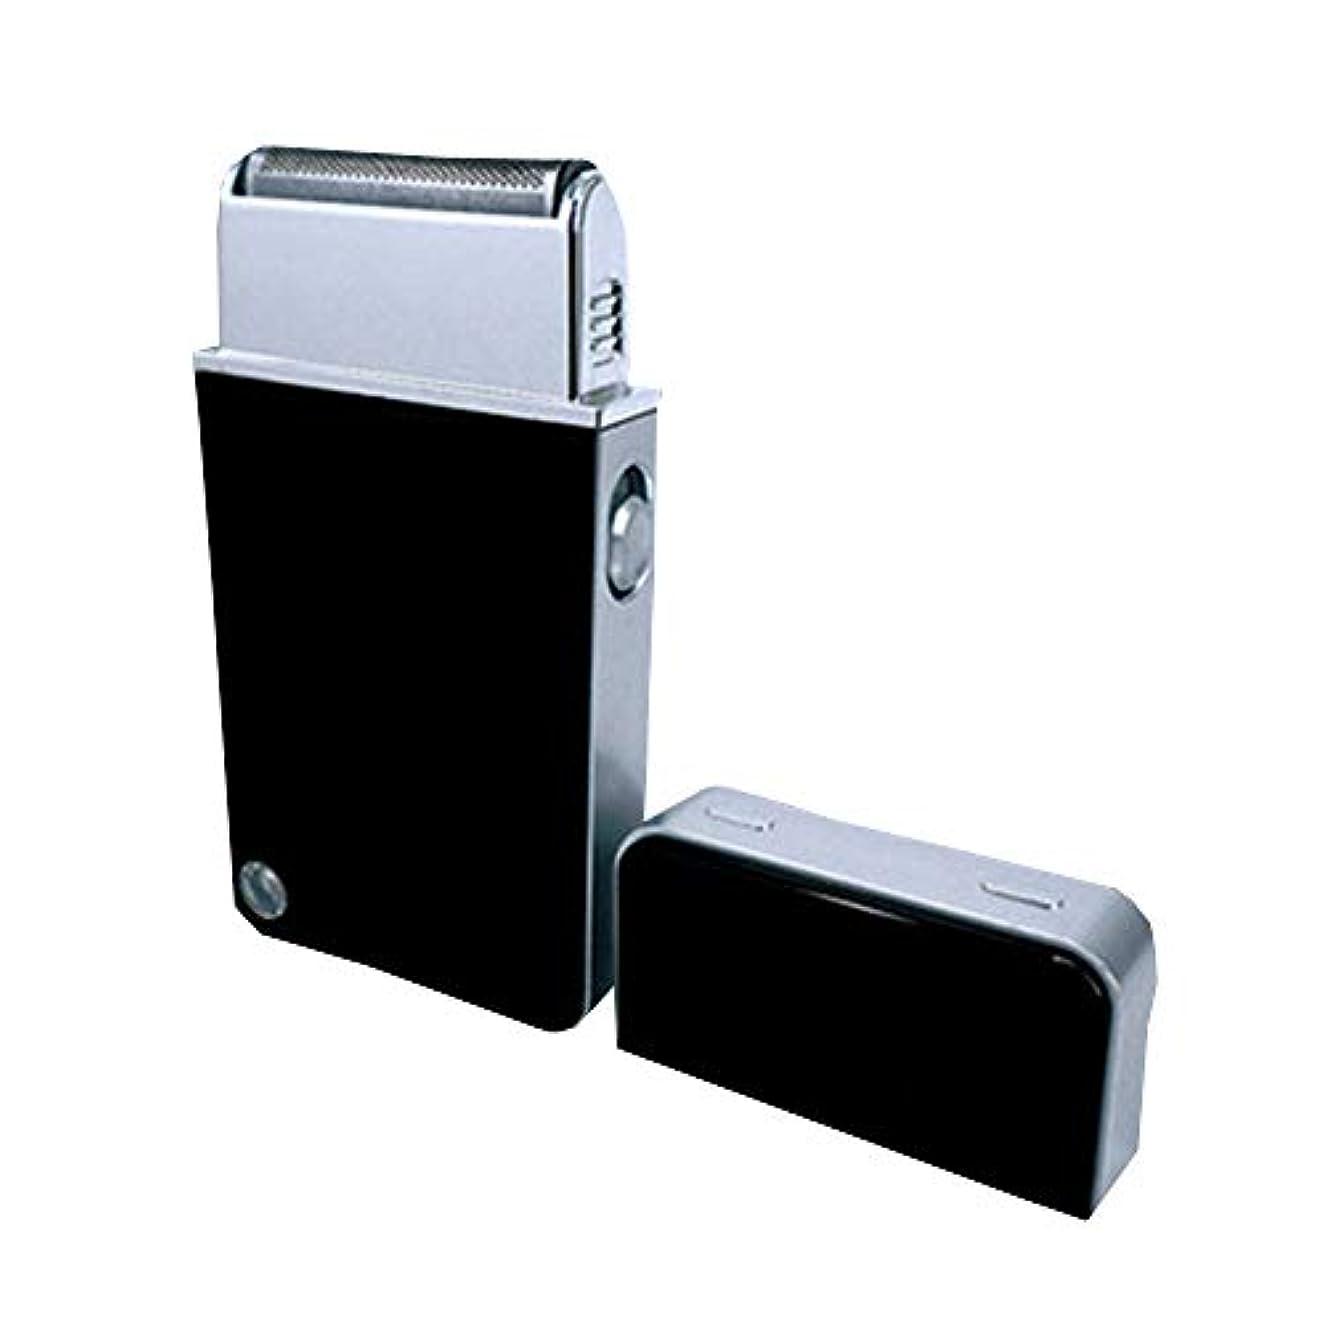 酸素ボウリング日焼けメンズシェーバー USB充電式 電気シェーバー ひげ剃り コンパクト 携帯用シェーバー 旅行用 軽量 ギフトCSH004